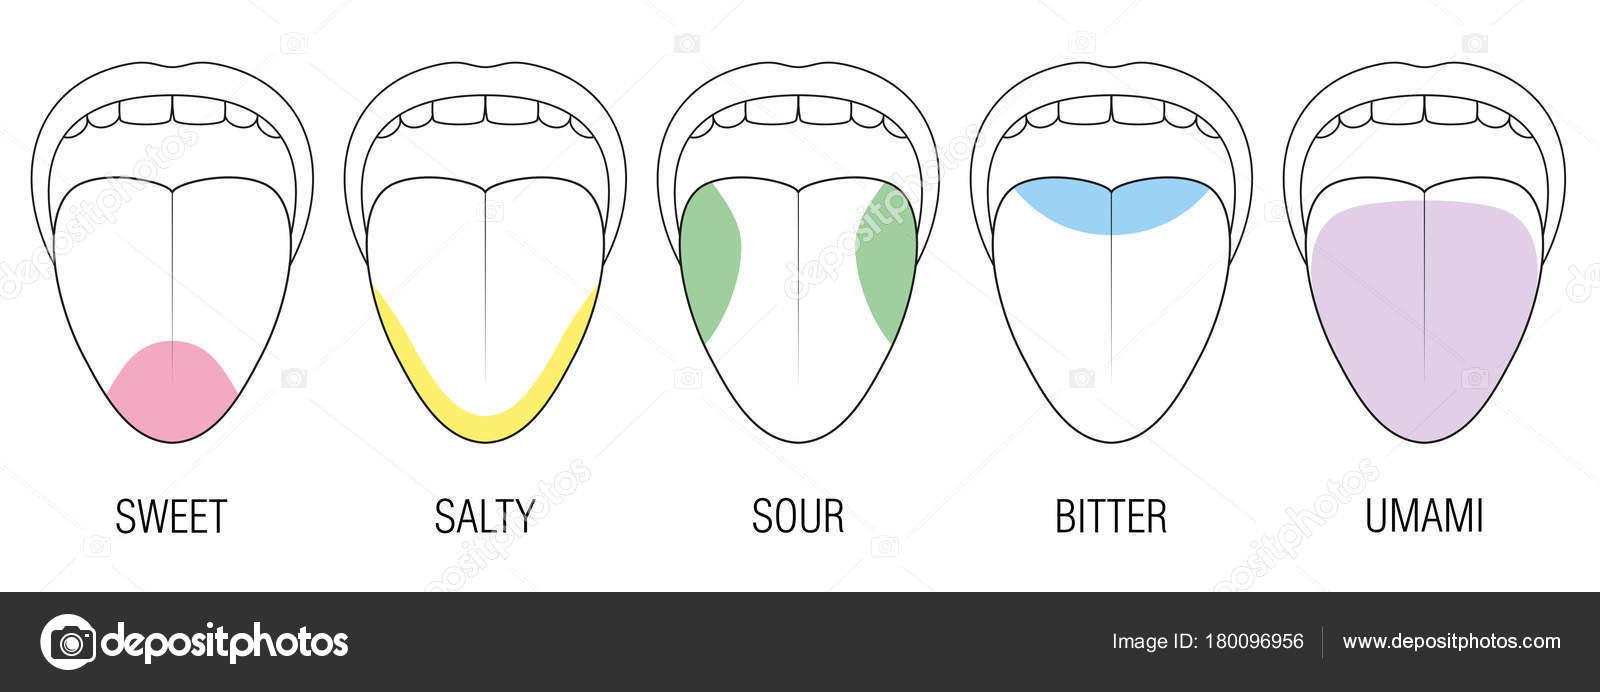 Geschmack Bereiche menschlichen Zunge Farben Abbildung — Stockvektor ...